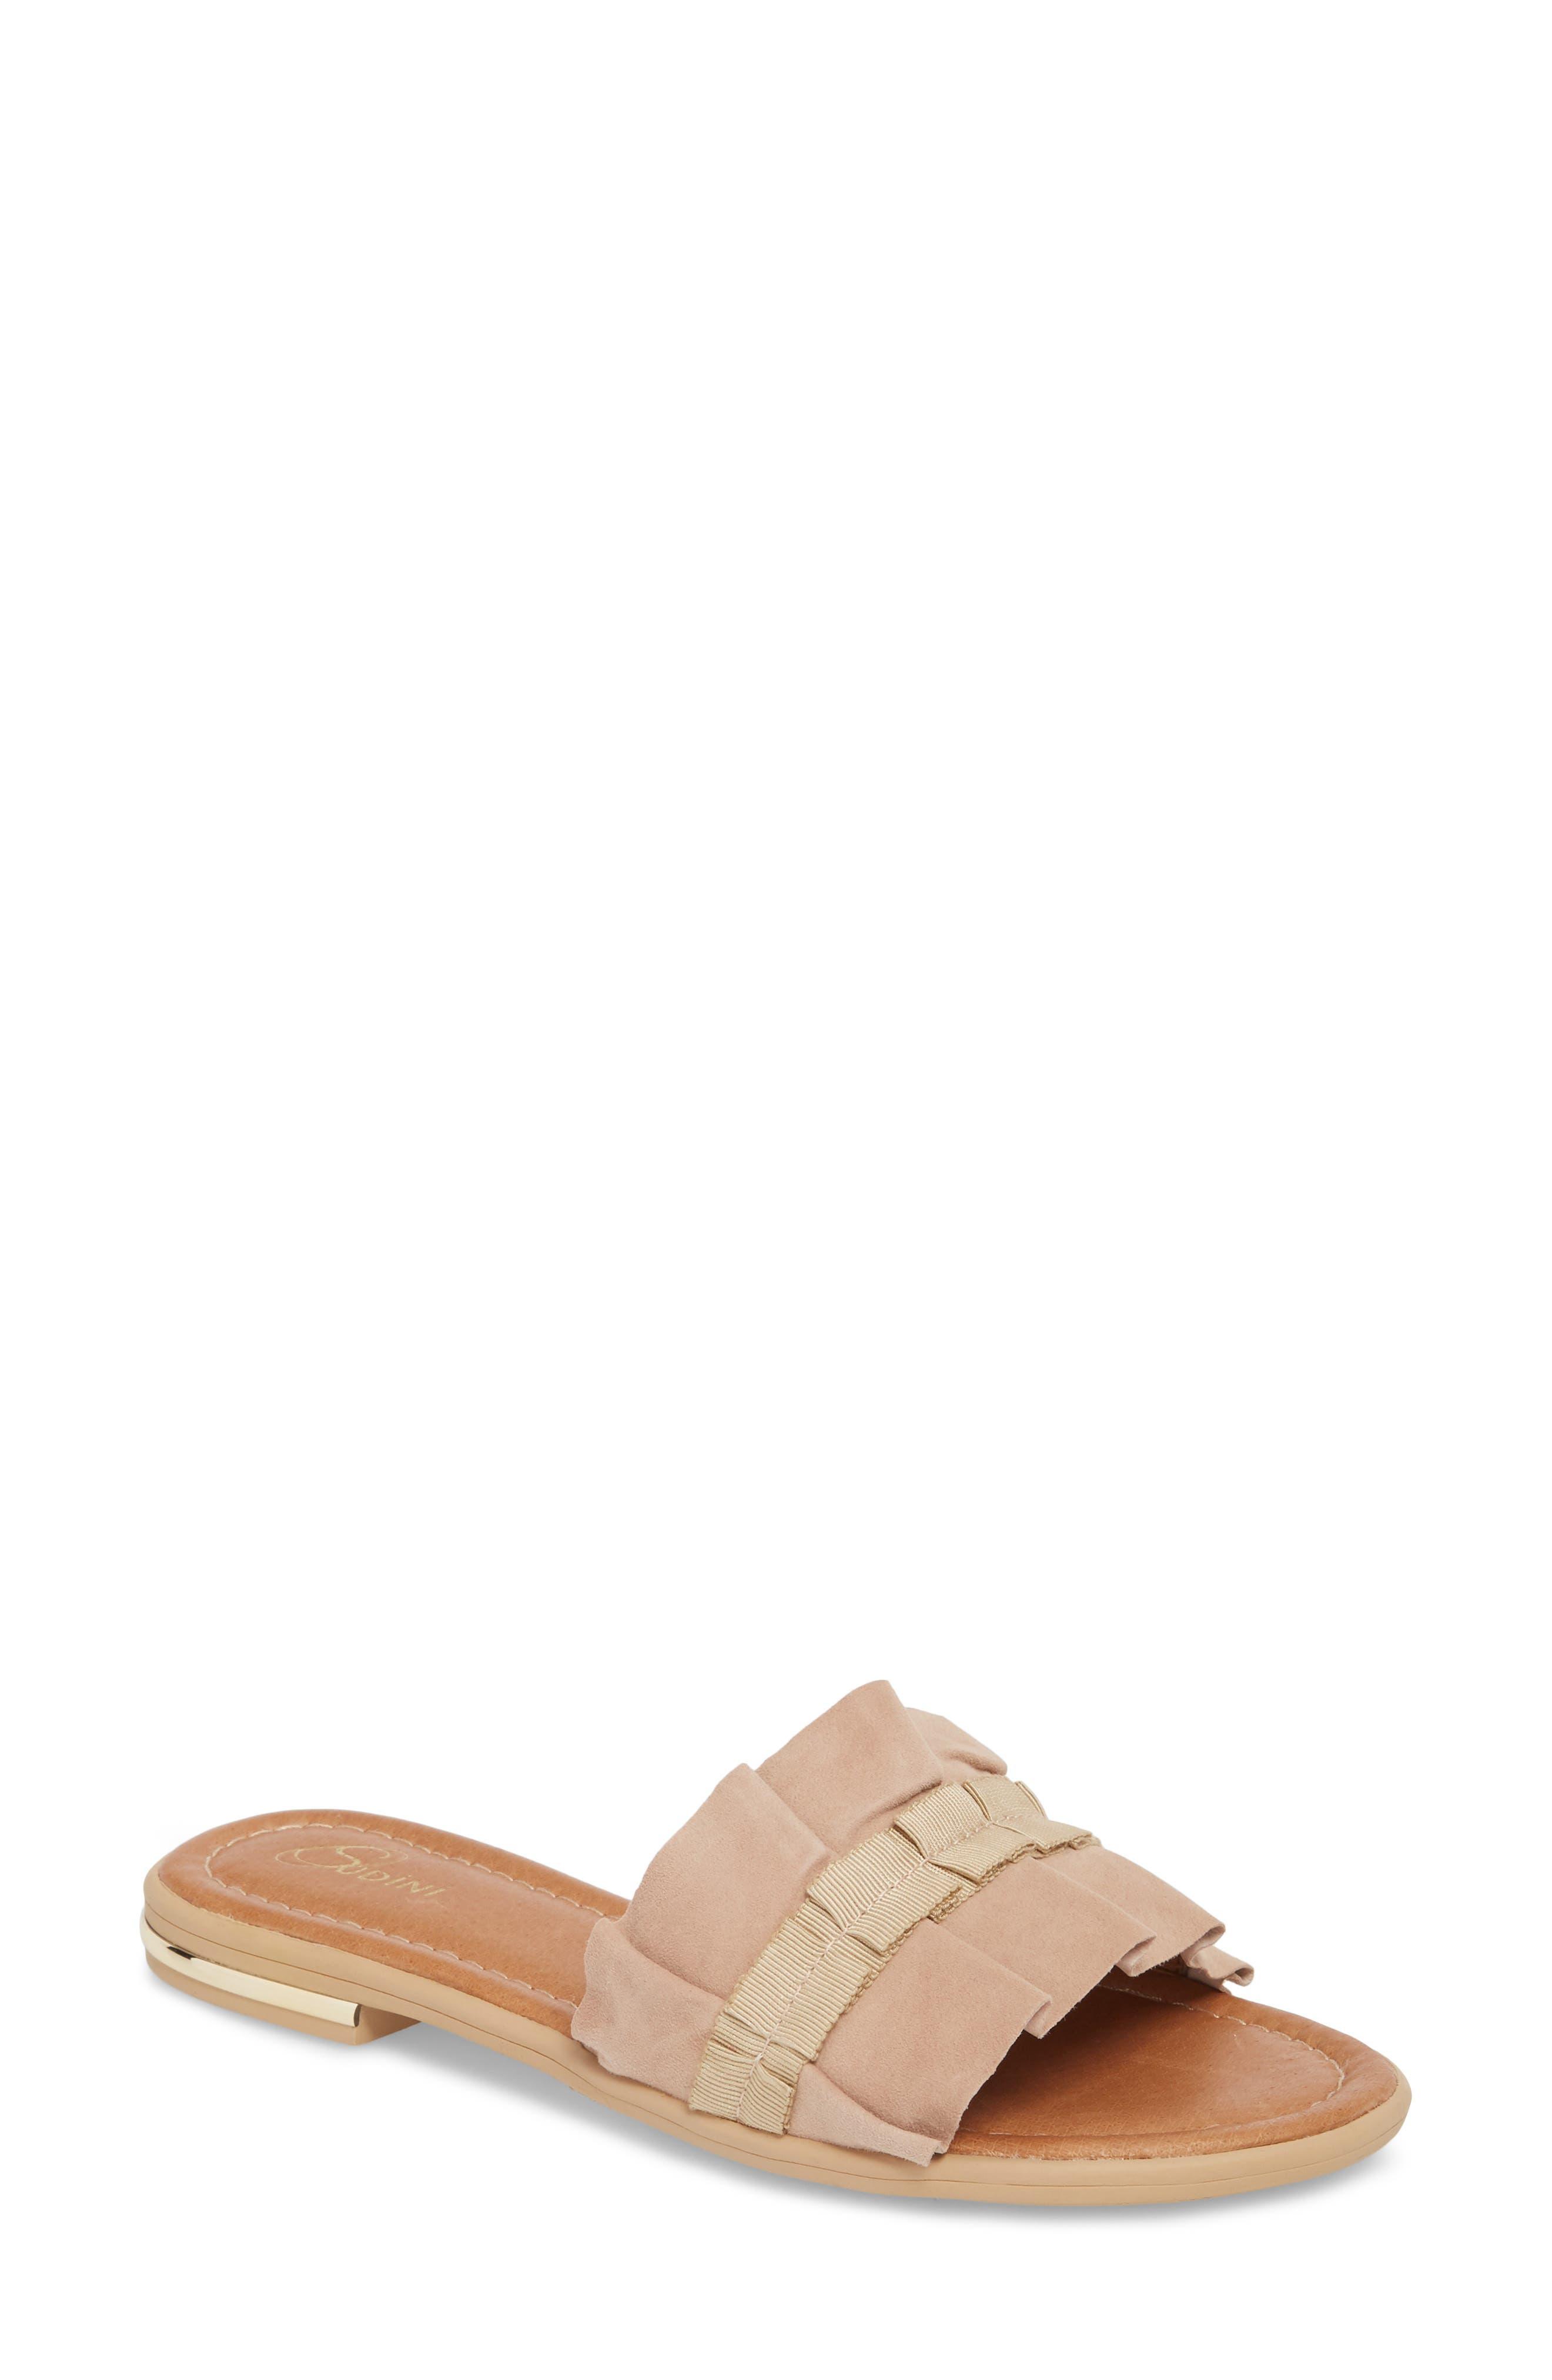 Sudini Ravenna Slide Sandal (Women)